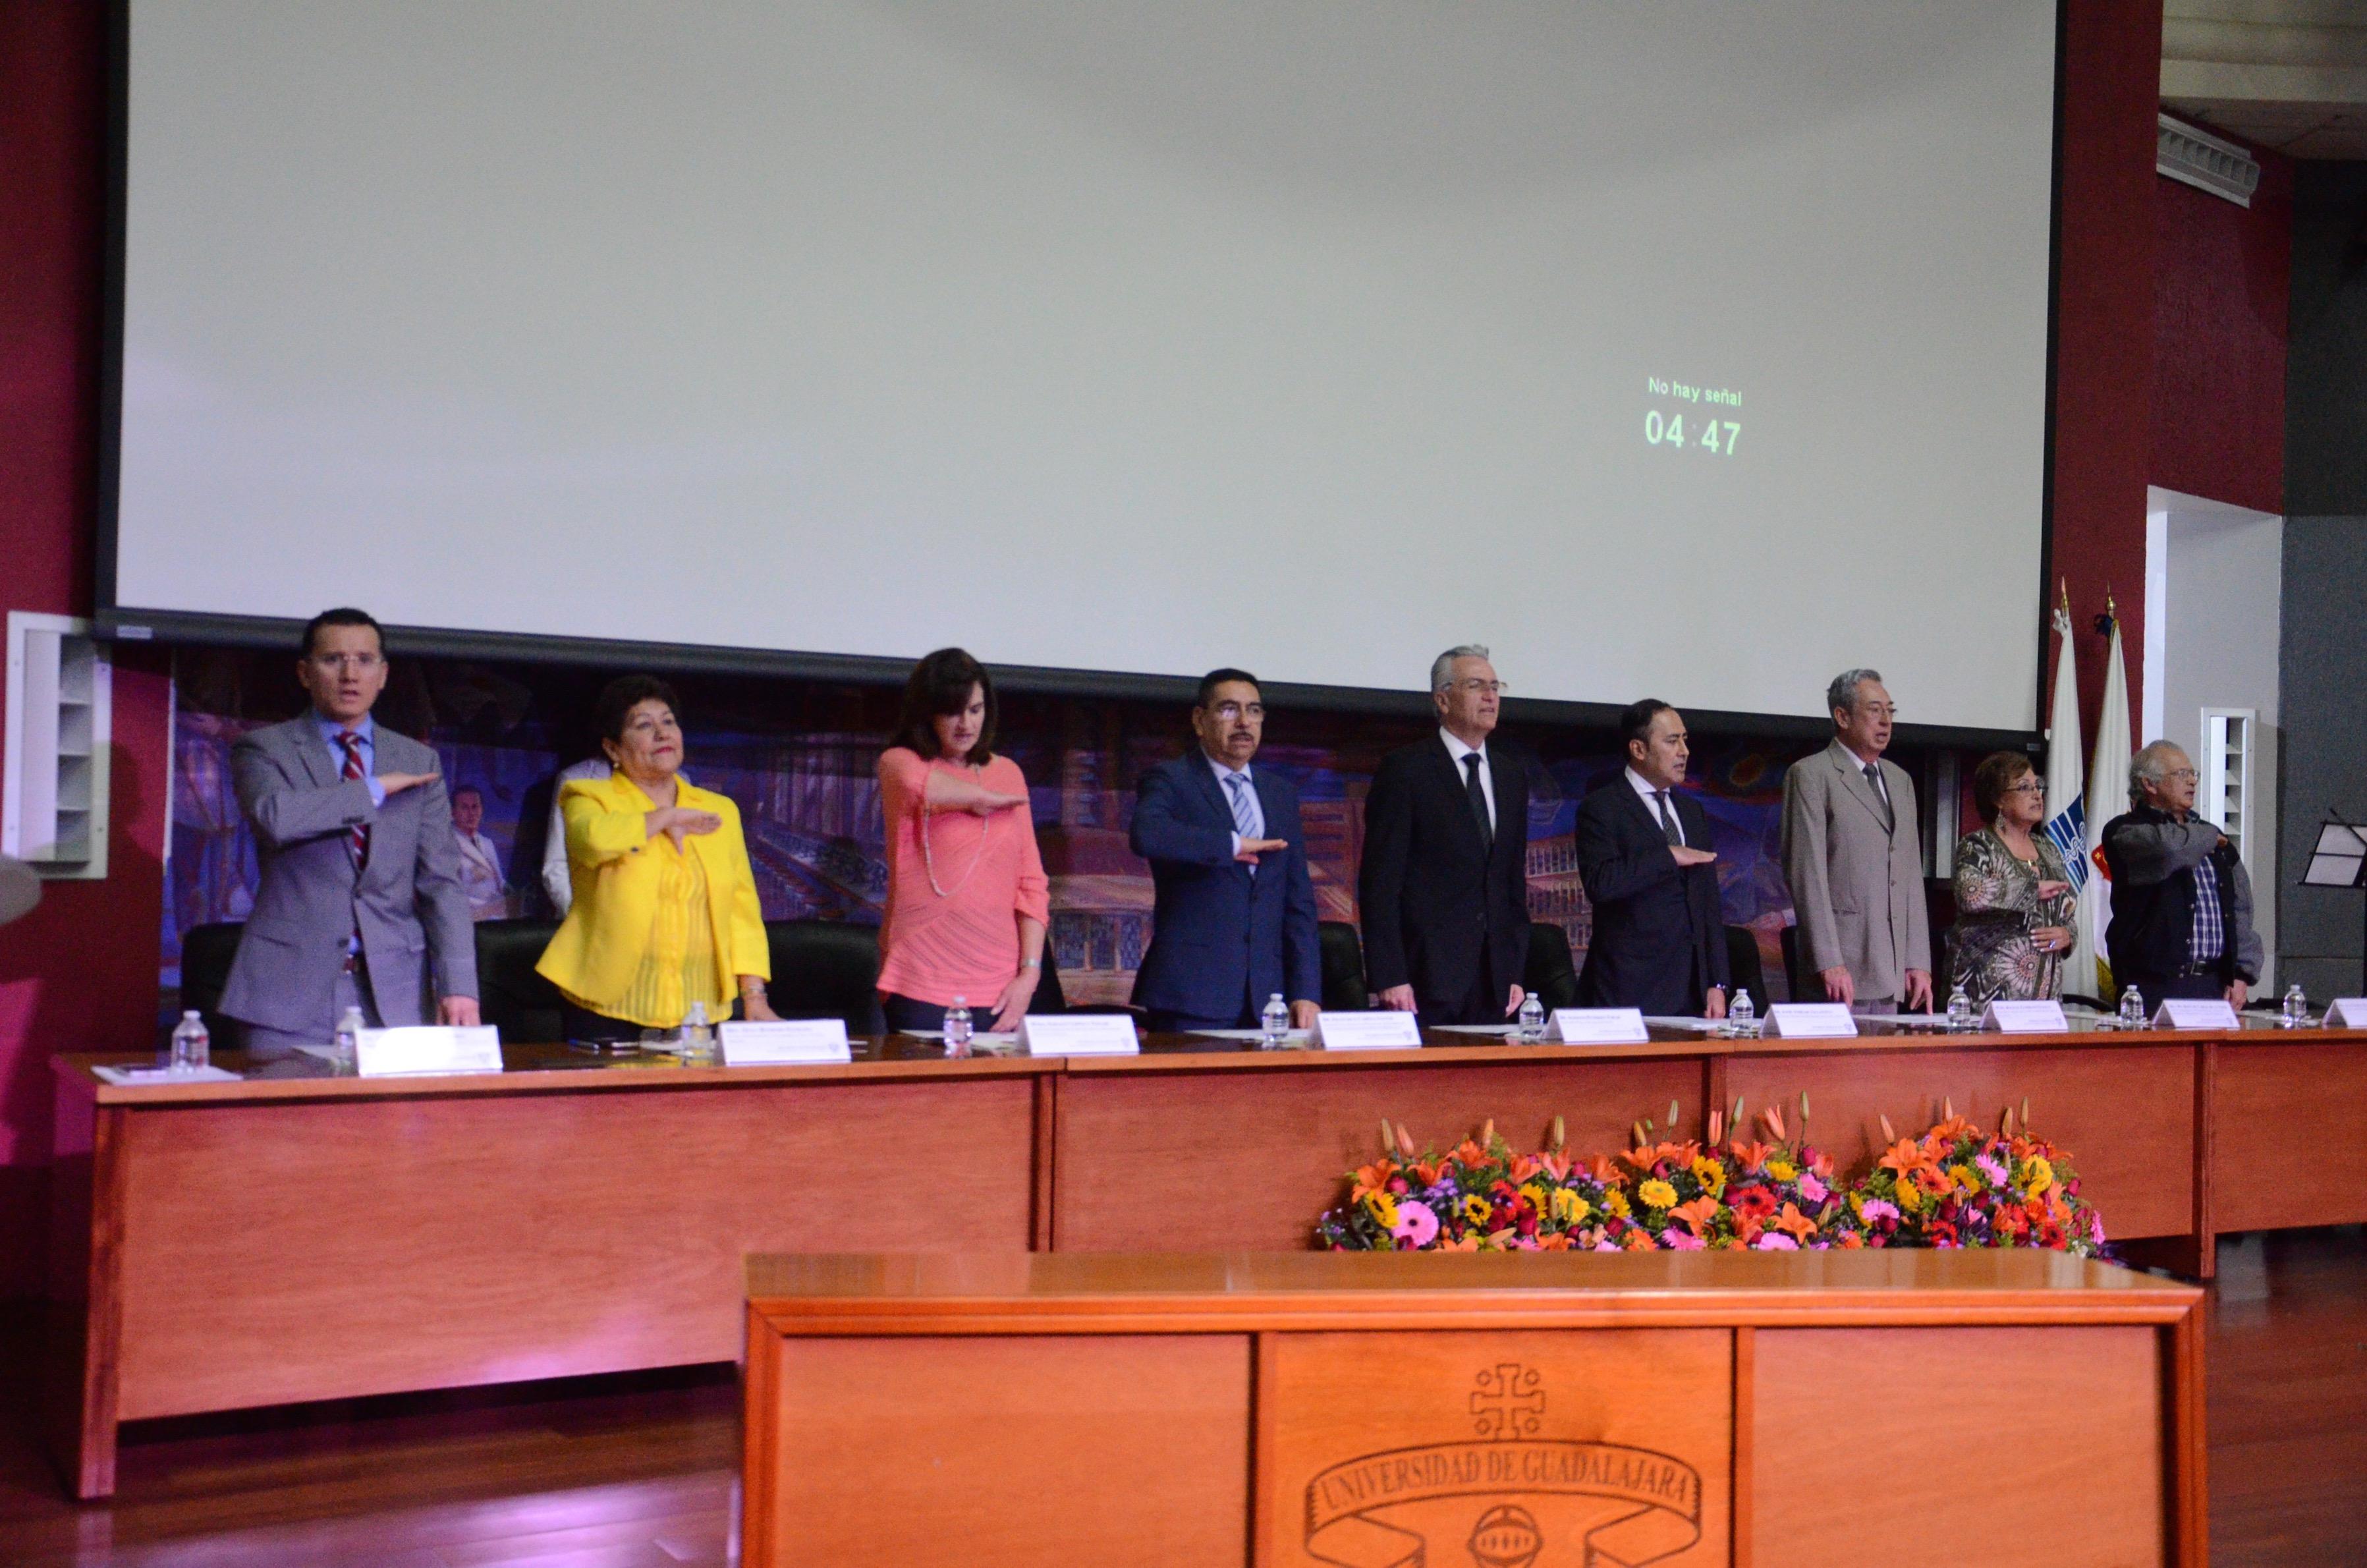 Miembros del presídum de la conmemoración del 70 aniversario de la formación en Enfermería en la UdeG